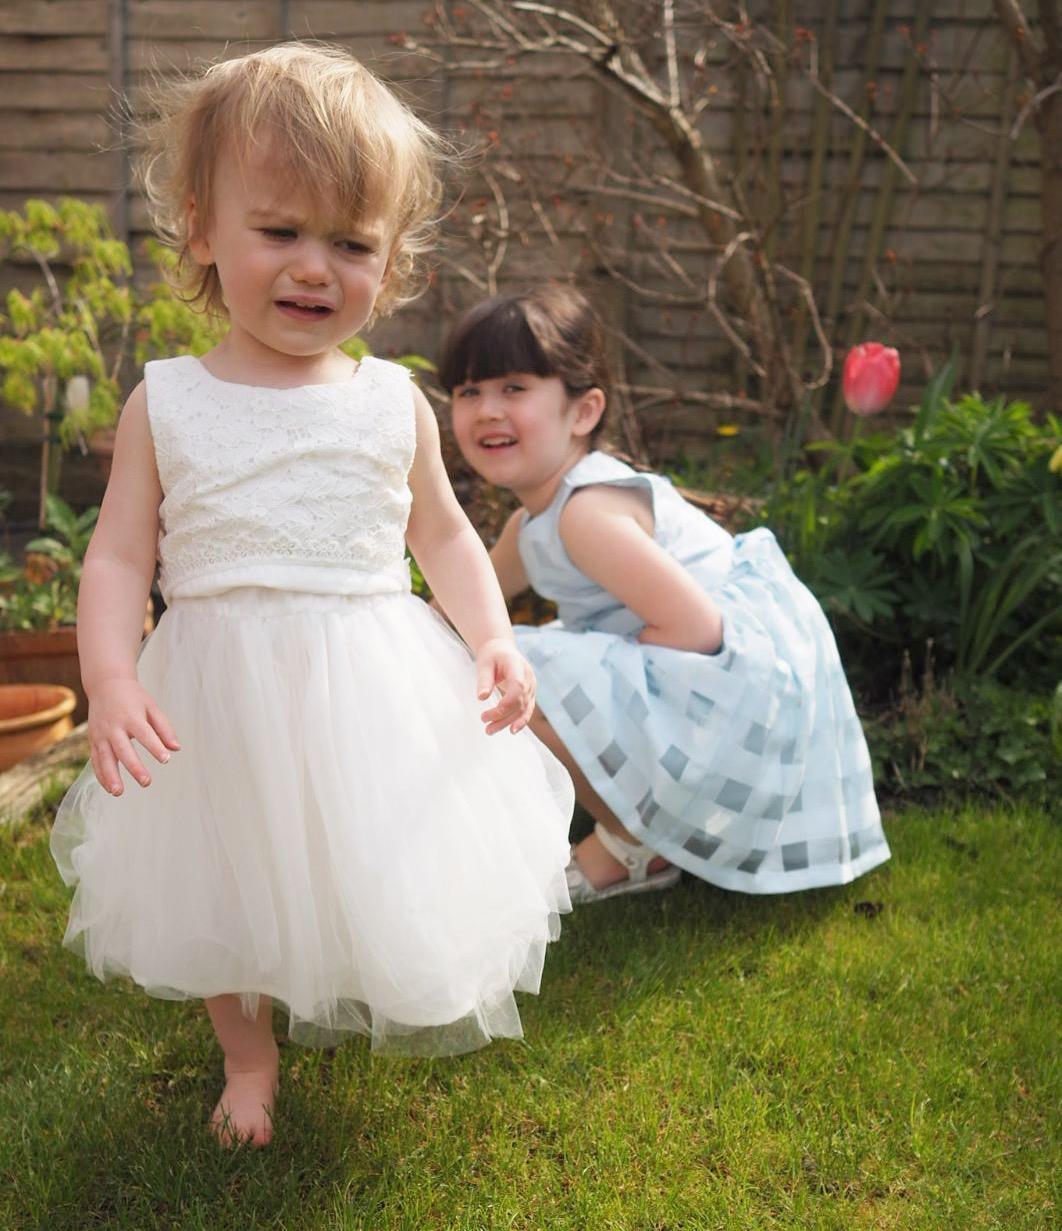 girls in summer garden